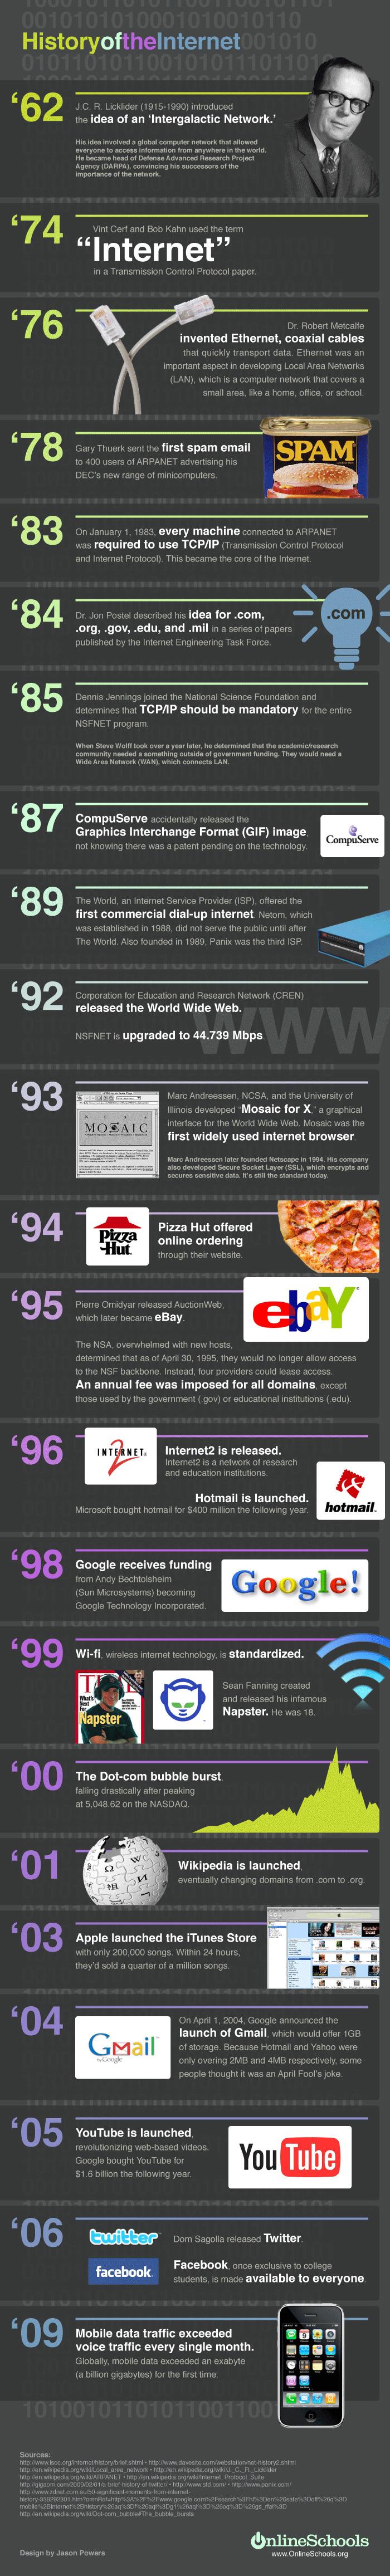 Infographie : l'histoire d'internet en une image